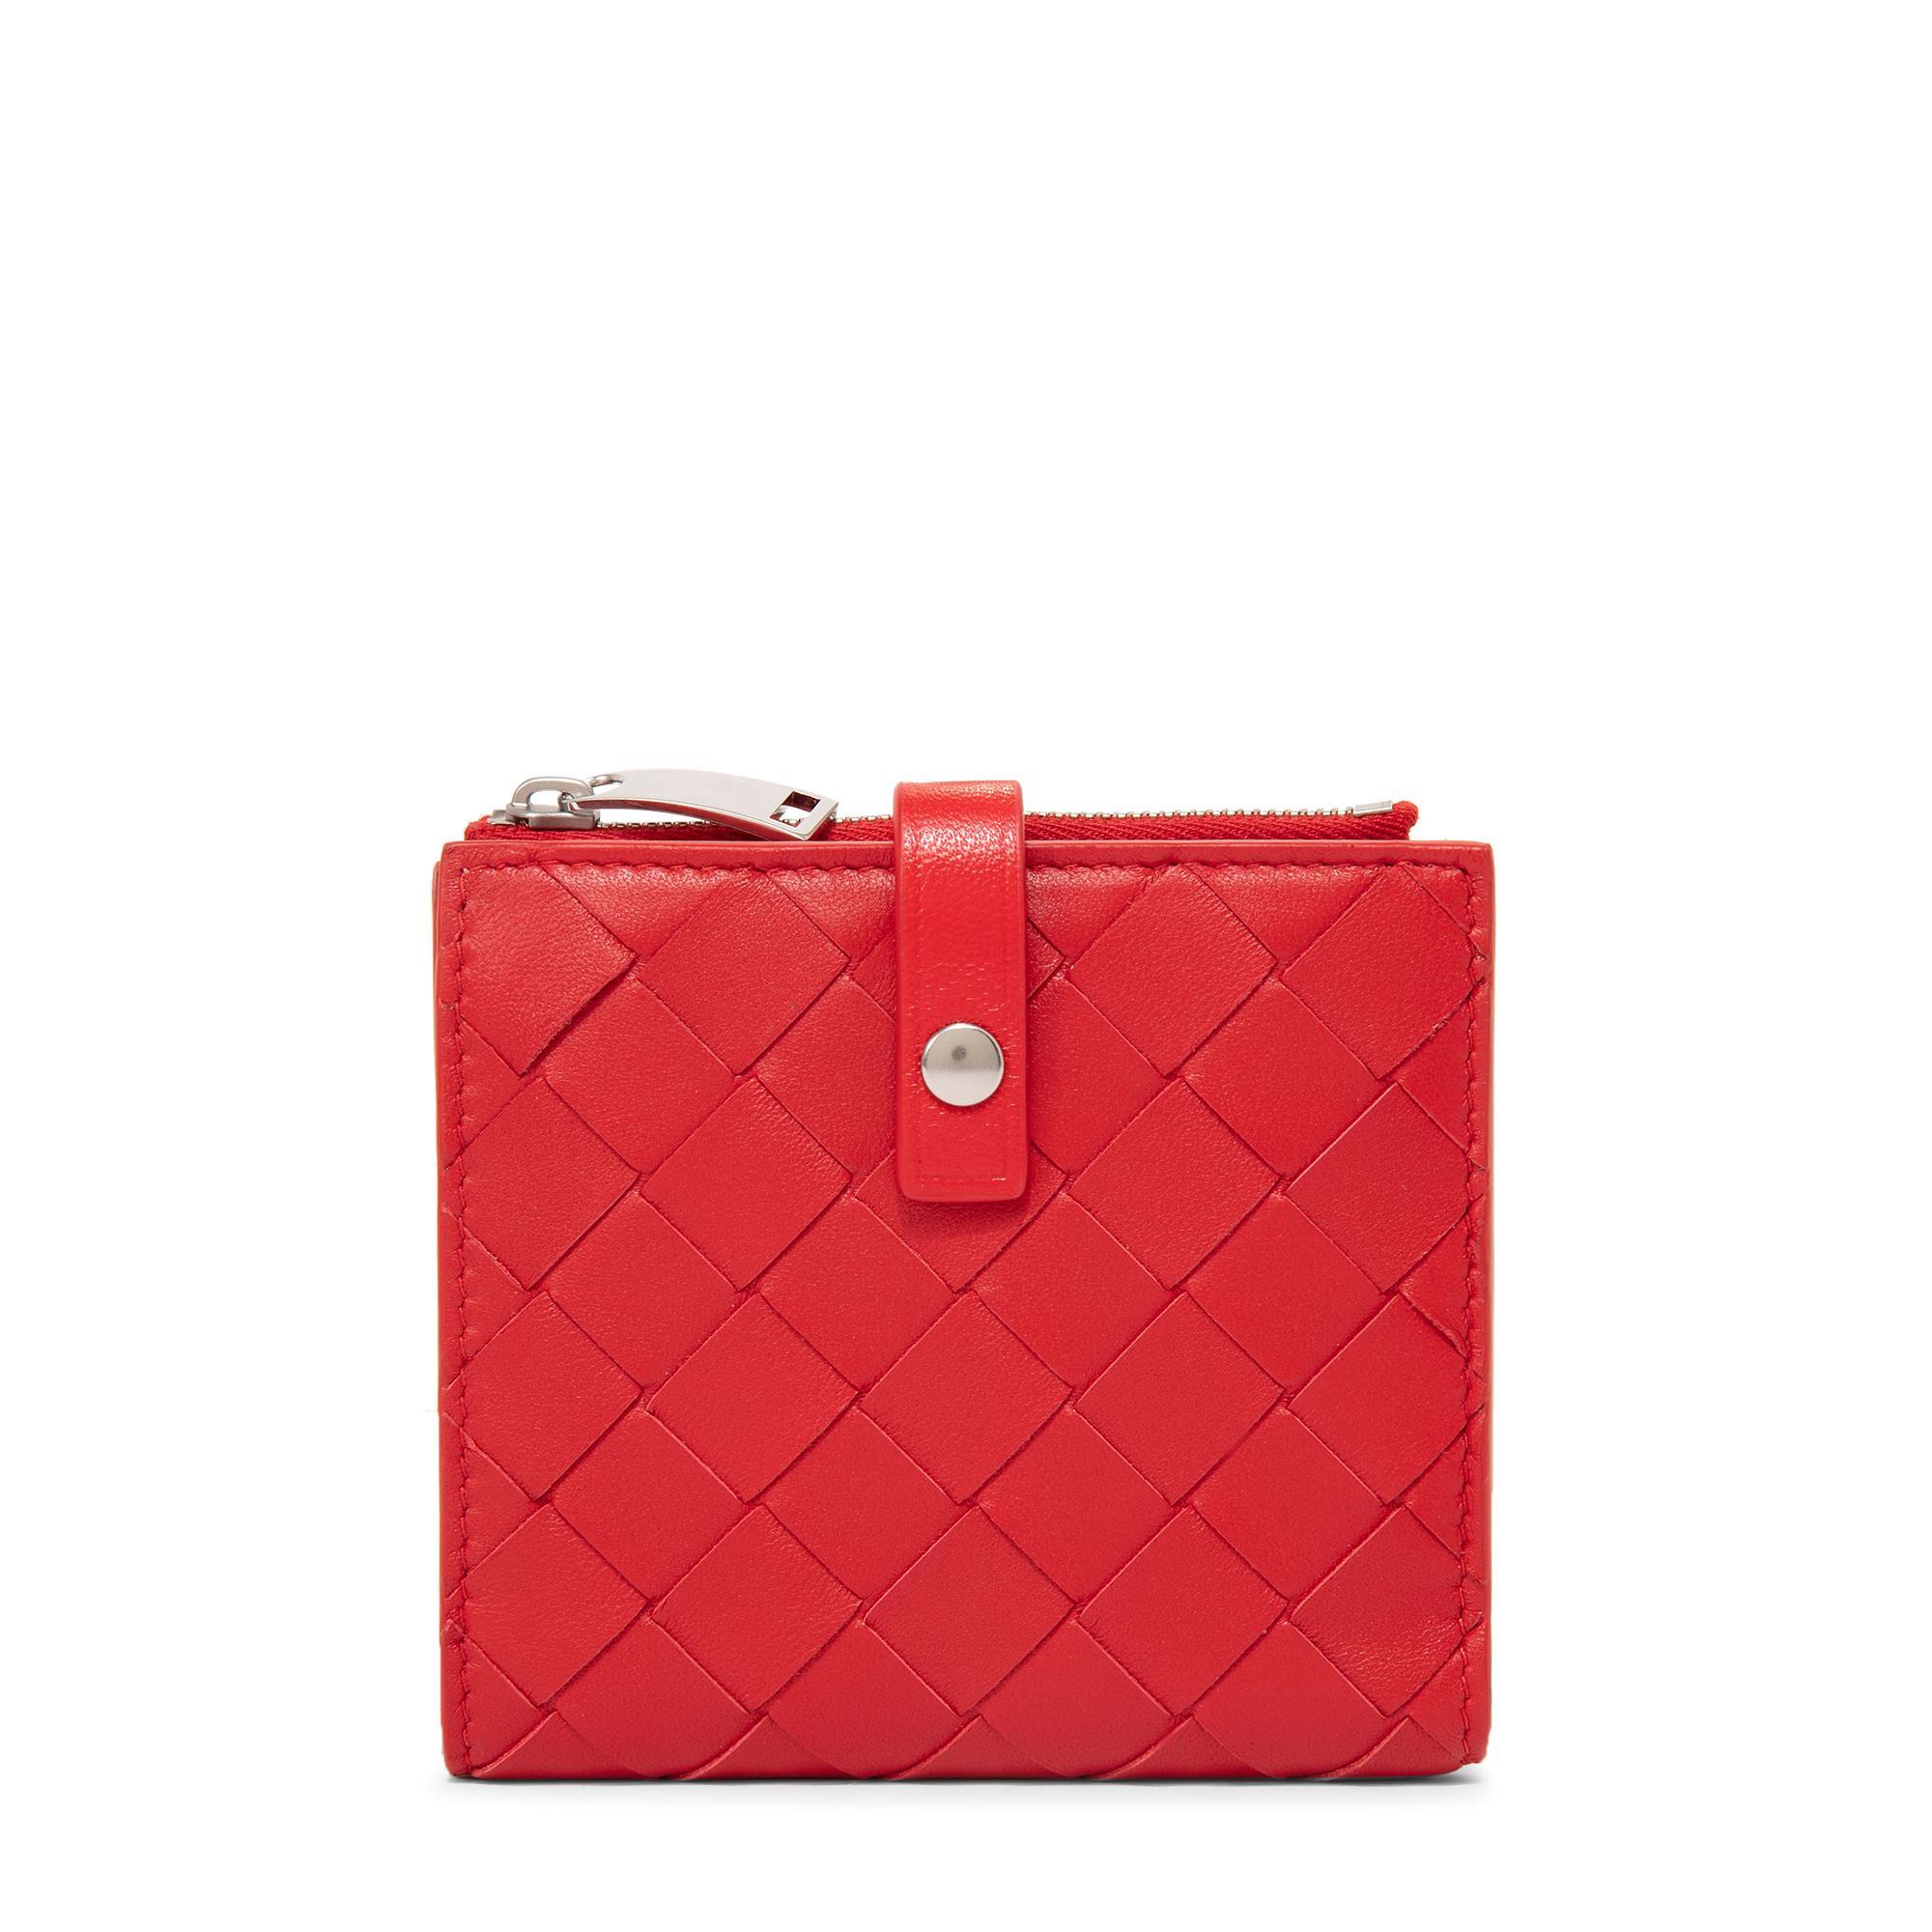 محفظة كونتيننتال بتصميم مطوي